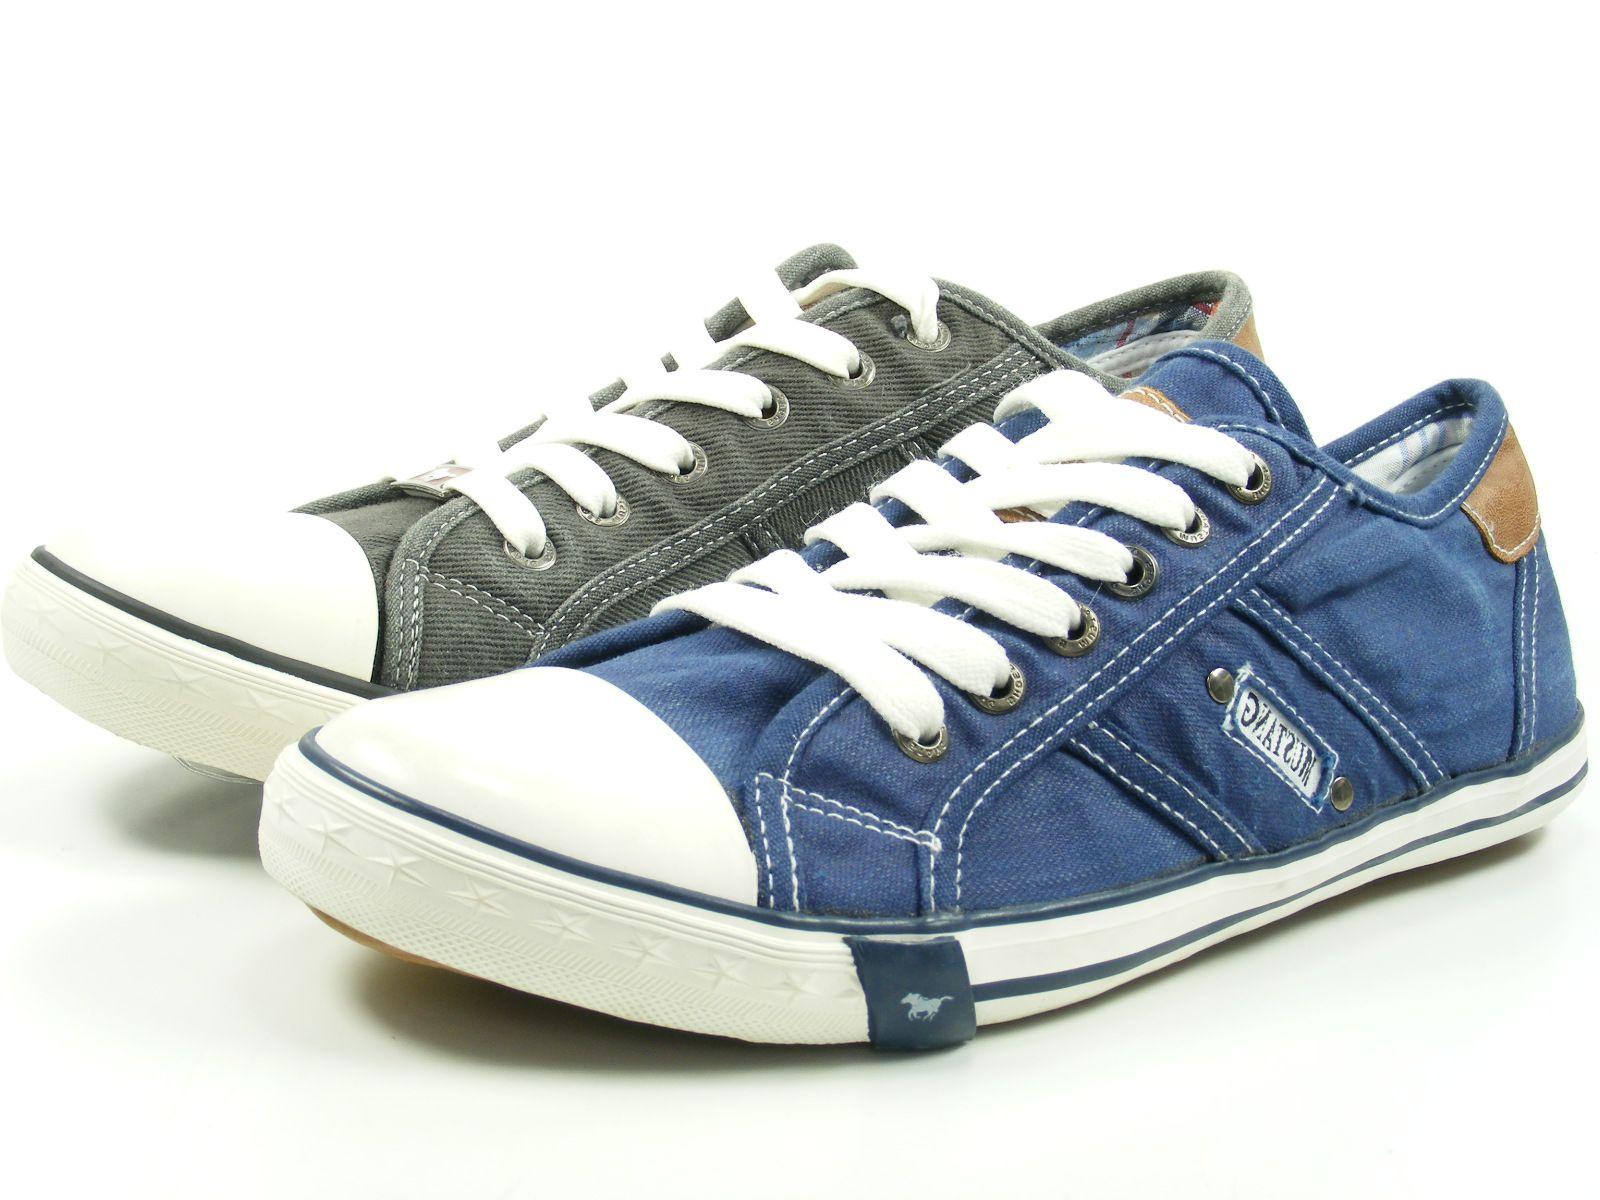 Mustang 4058-401 Schuhe Herren Schnürschuhe Sneaker Canvas   eBay c6bb960d39